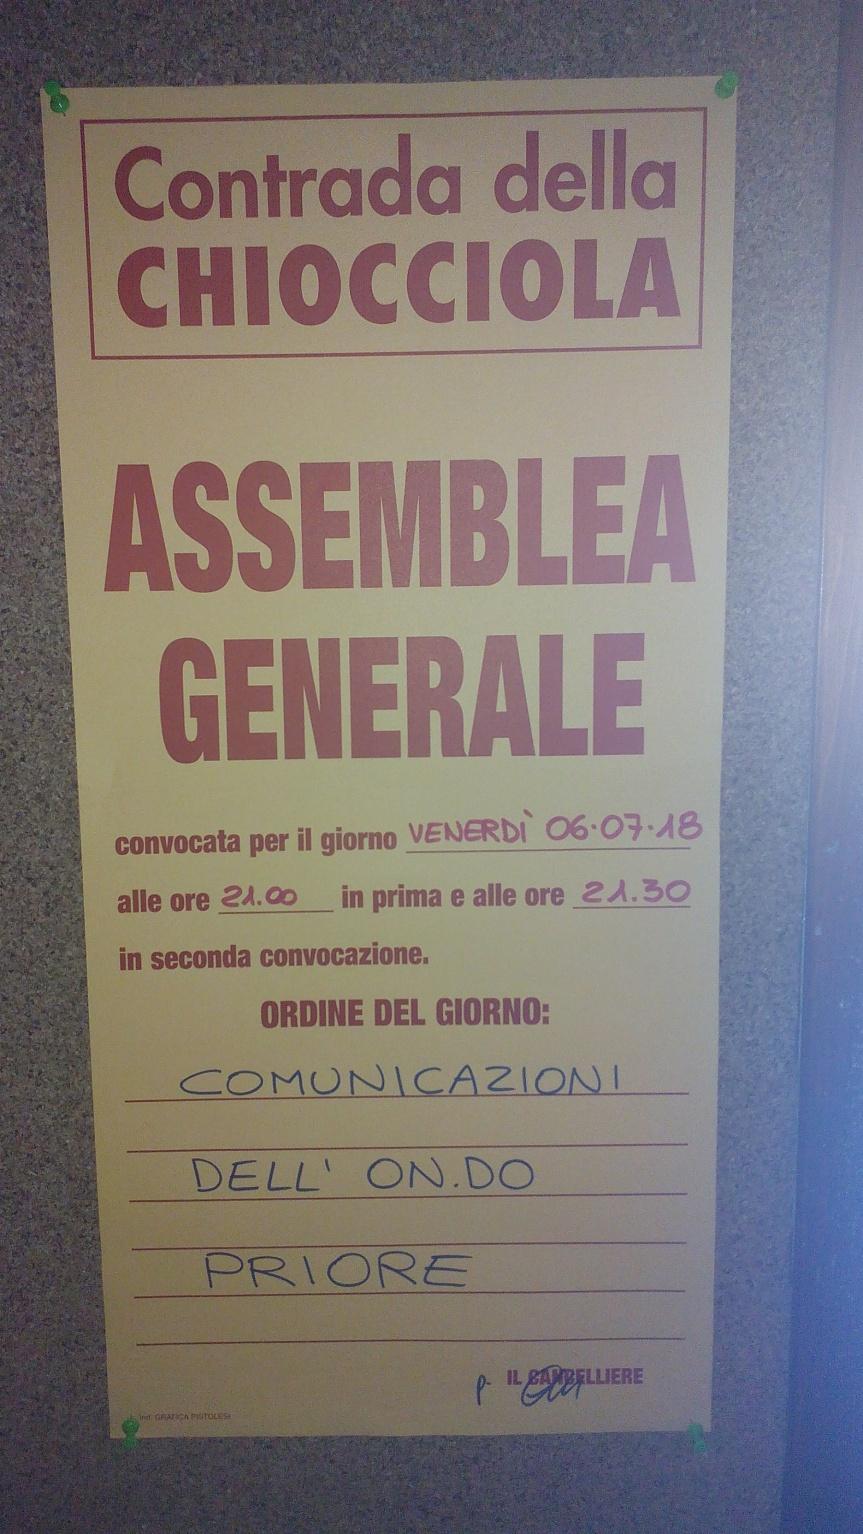 Siena, Contrada della Chiocciola: 06/07 AssembleaGenerale